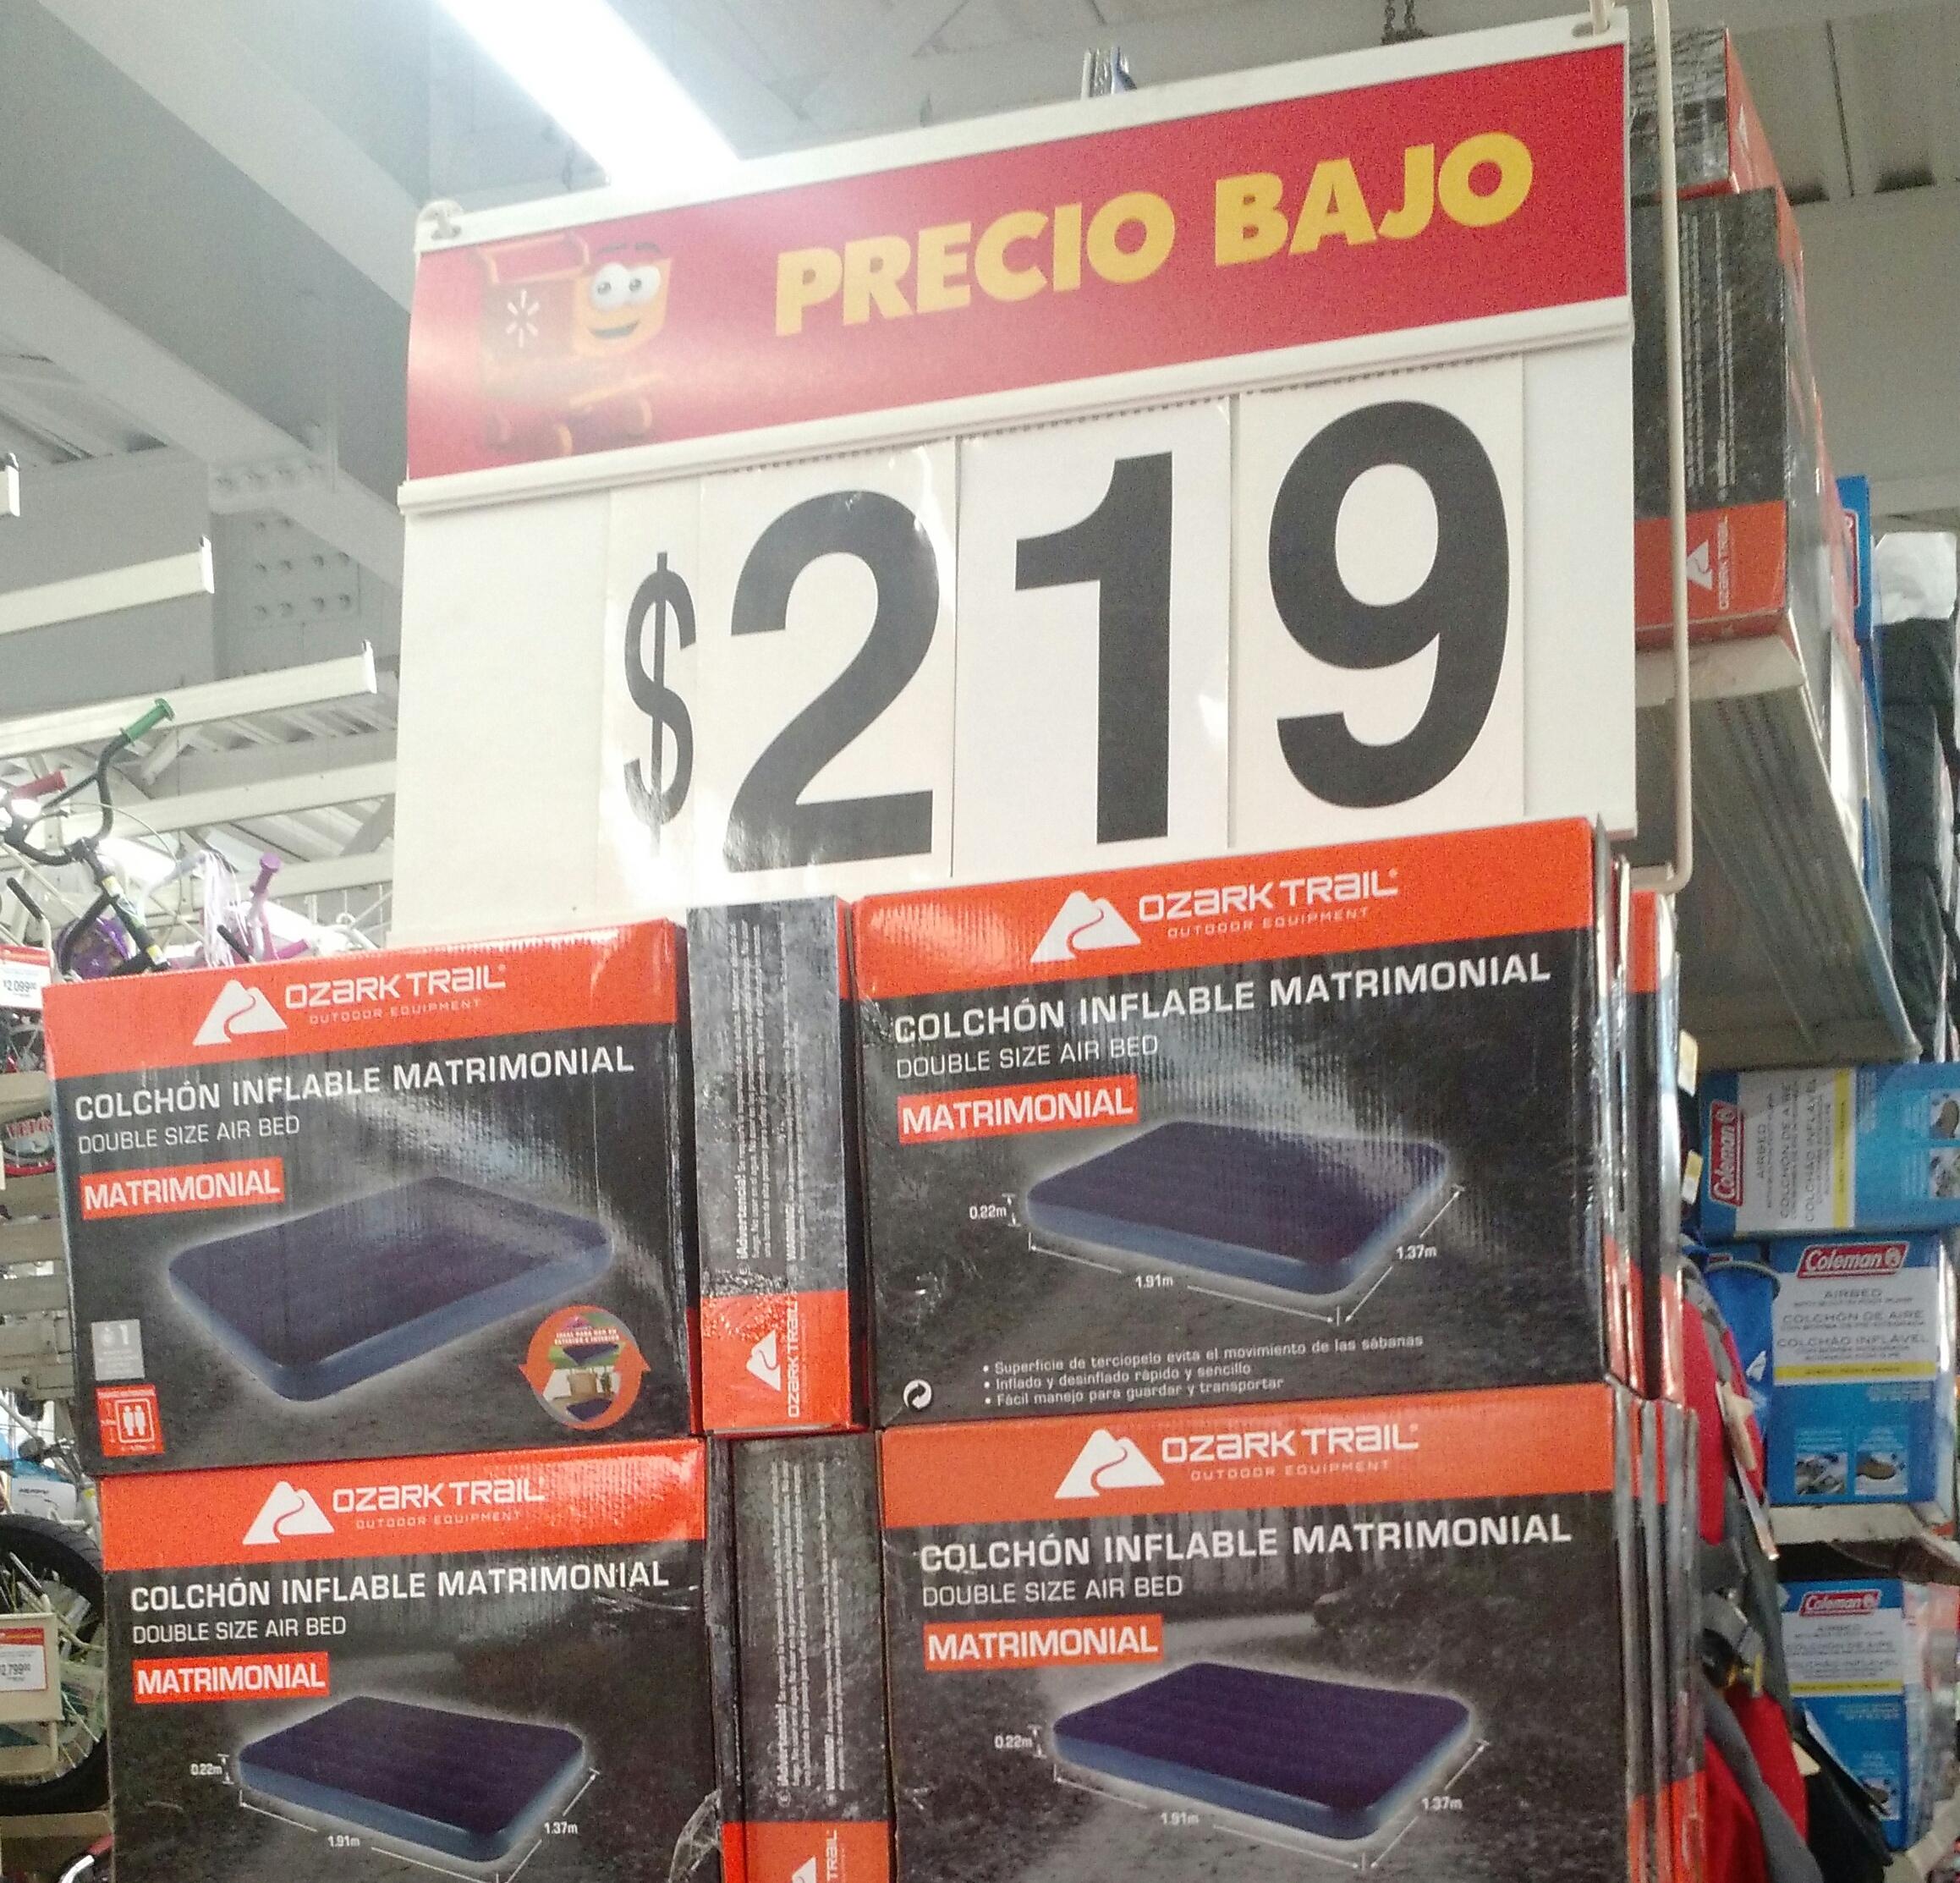 Walmart: colchón matrimonial inflable a $219